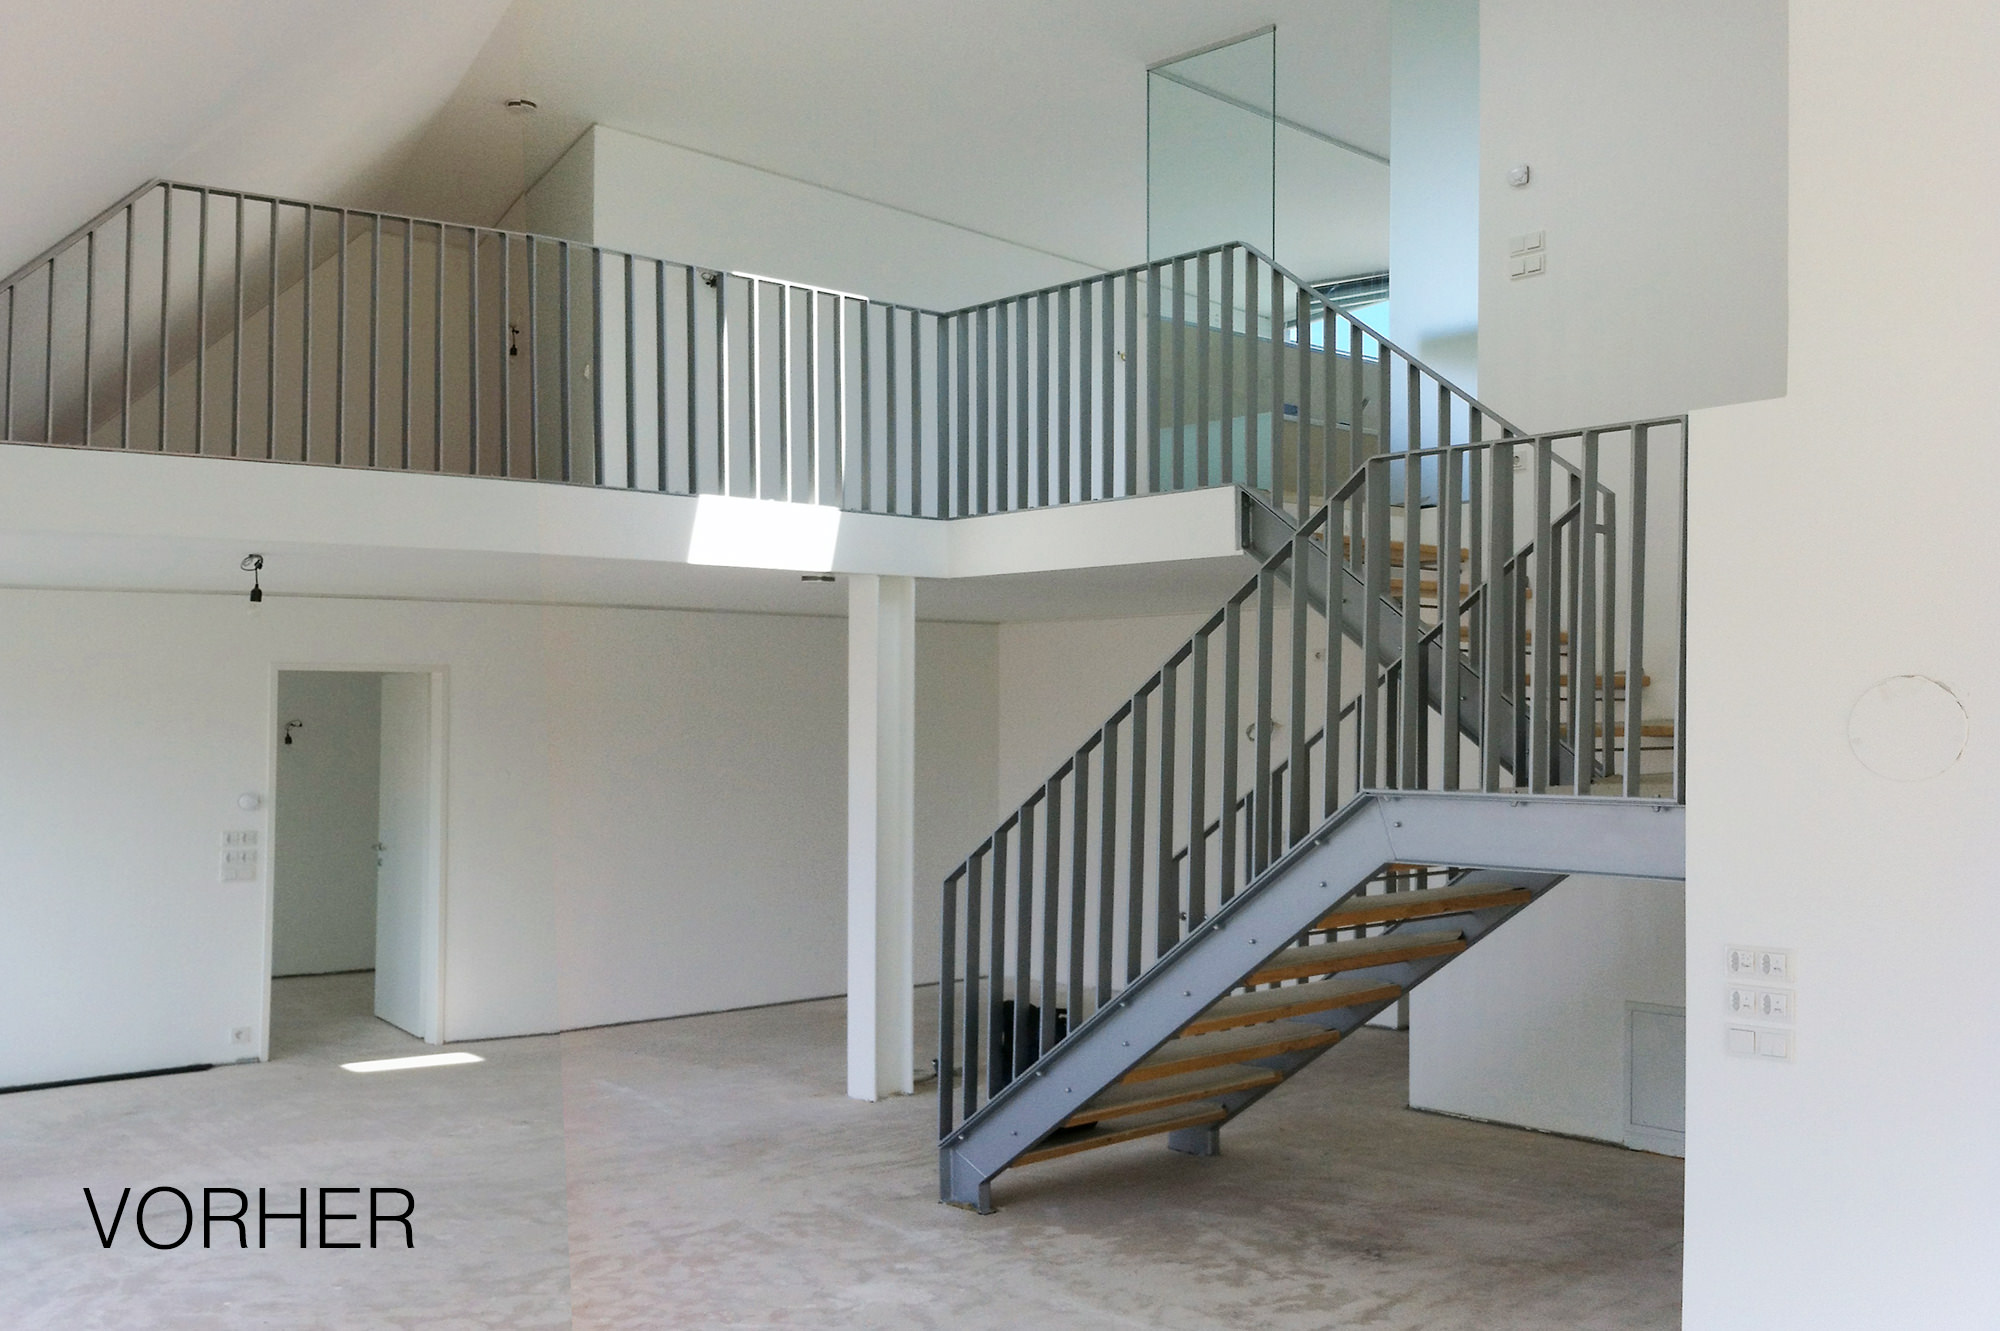 penthouse w 08 umbau dachausbau 1040 wien junger beer architektur